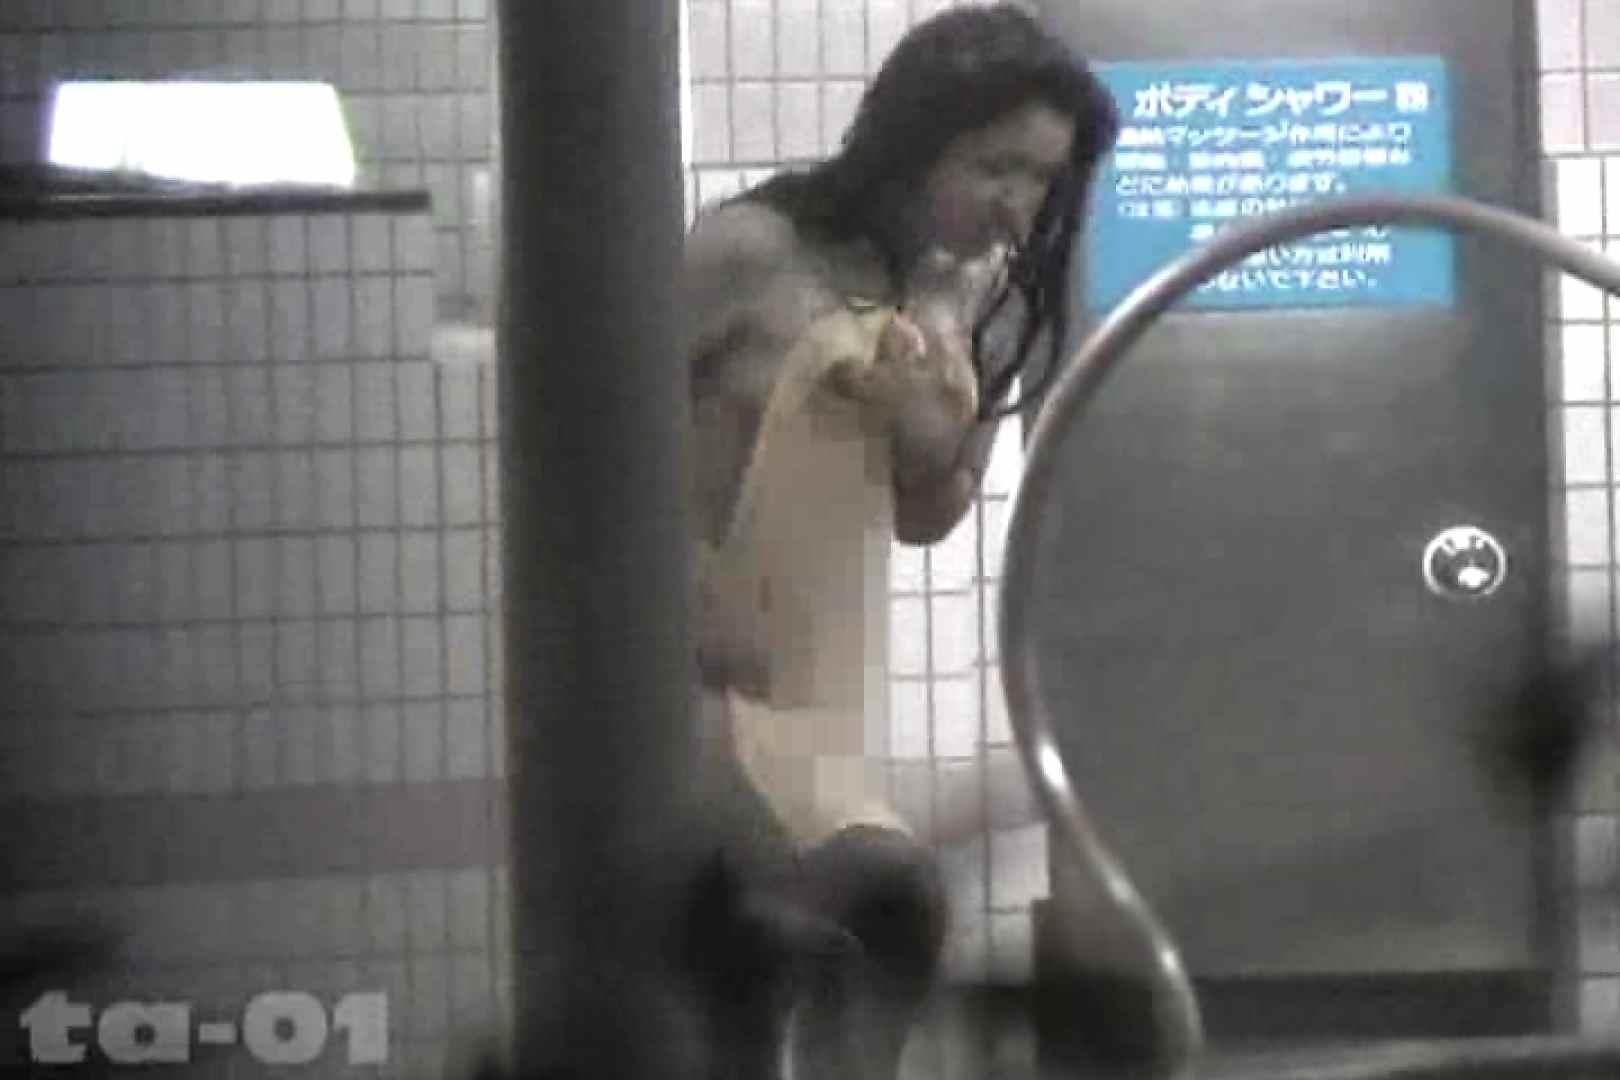 合宿ホテル女風呂盗撮高画質版 Vol.01 盗撮 アダルト動画キャプチャ 91pic 3